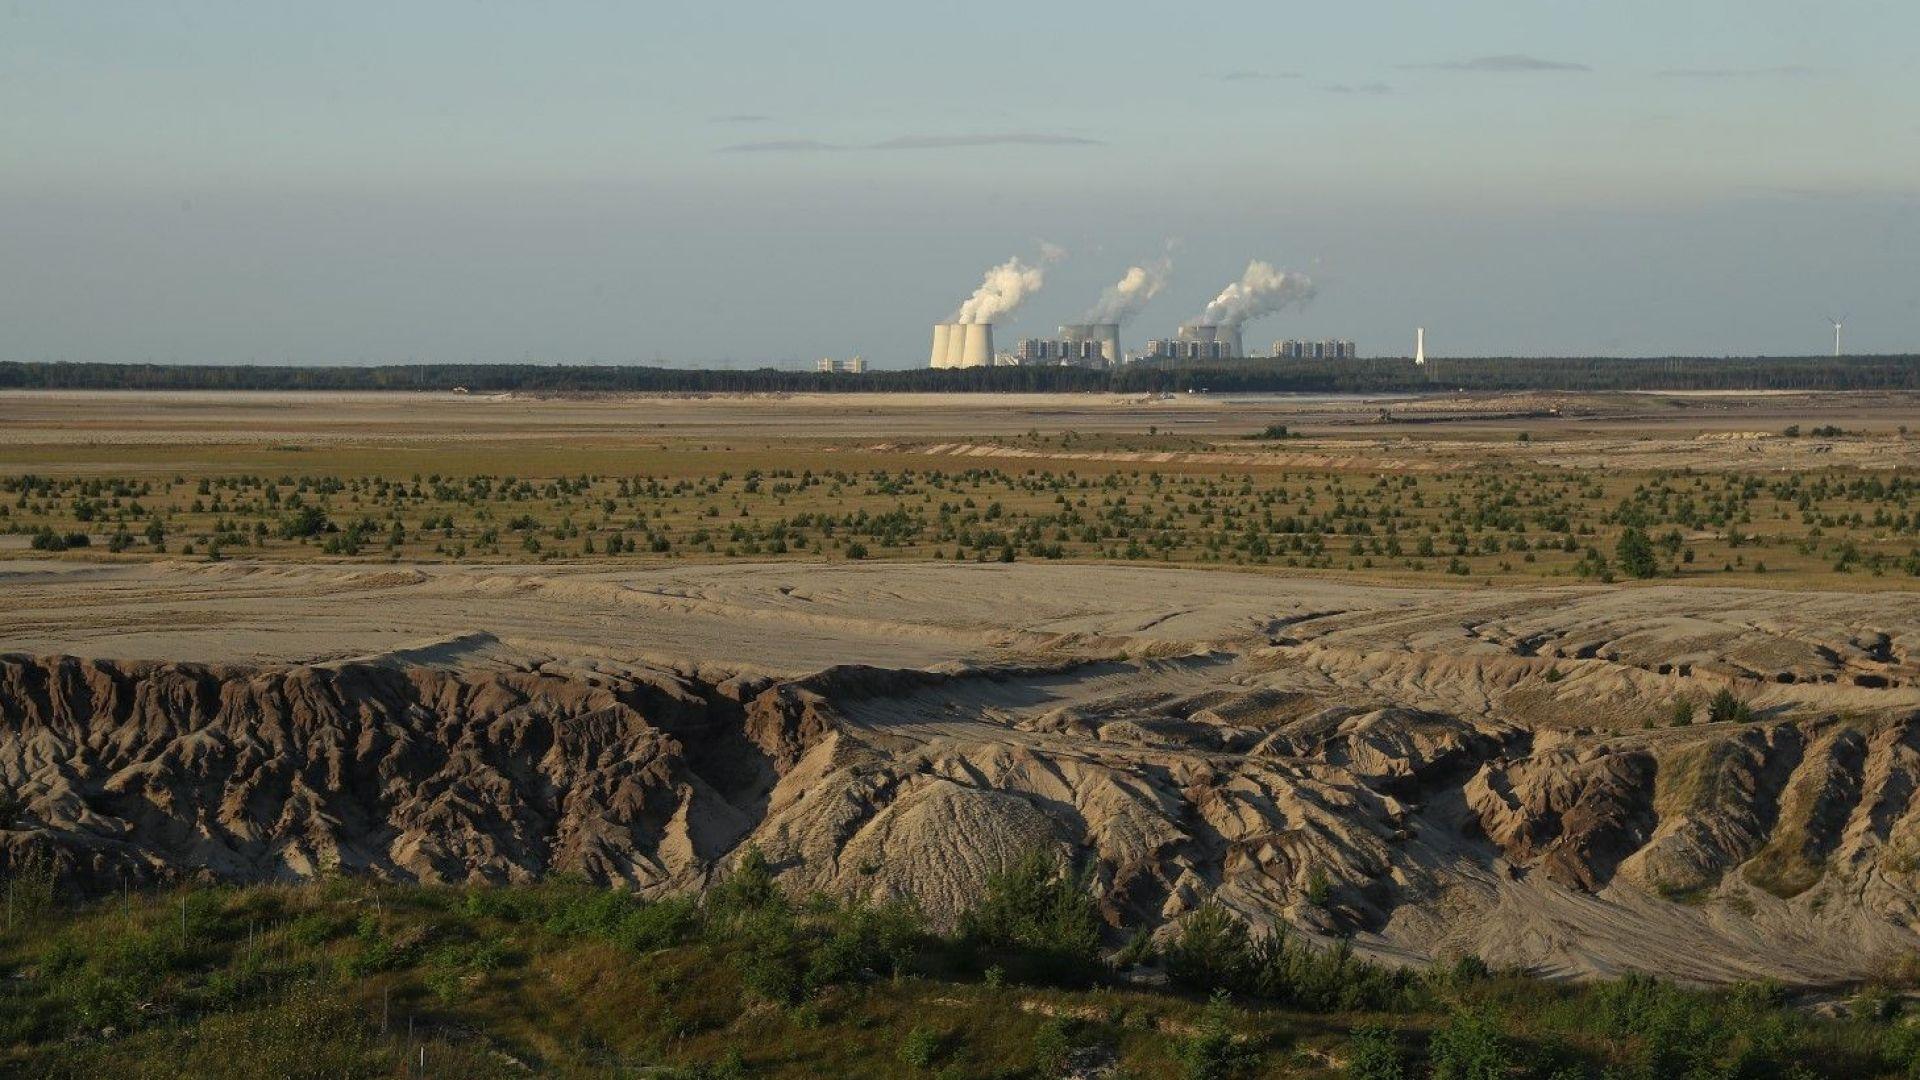 190 хиляди декара плодородна земя покрита с отпадъци от ТЕЦ-ове